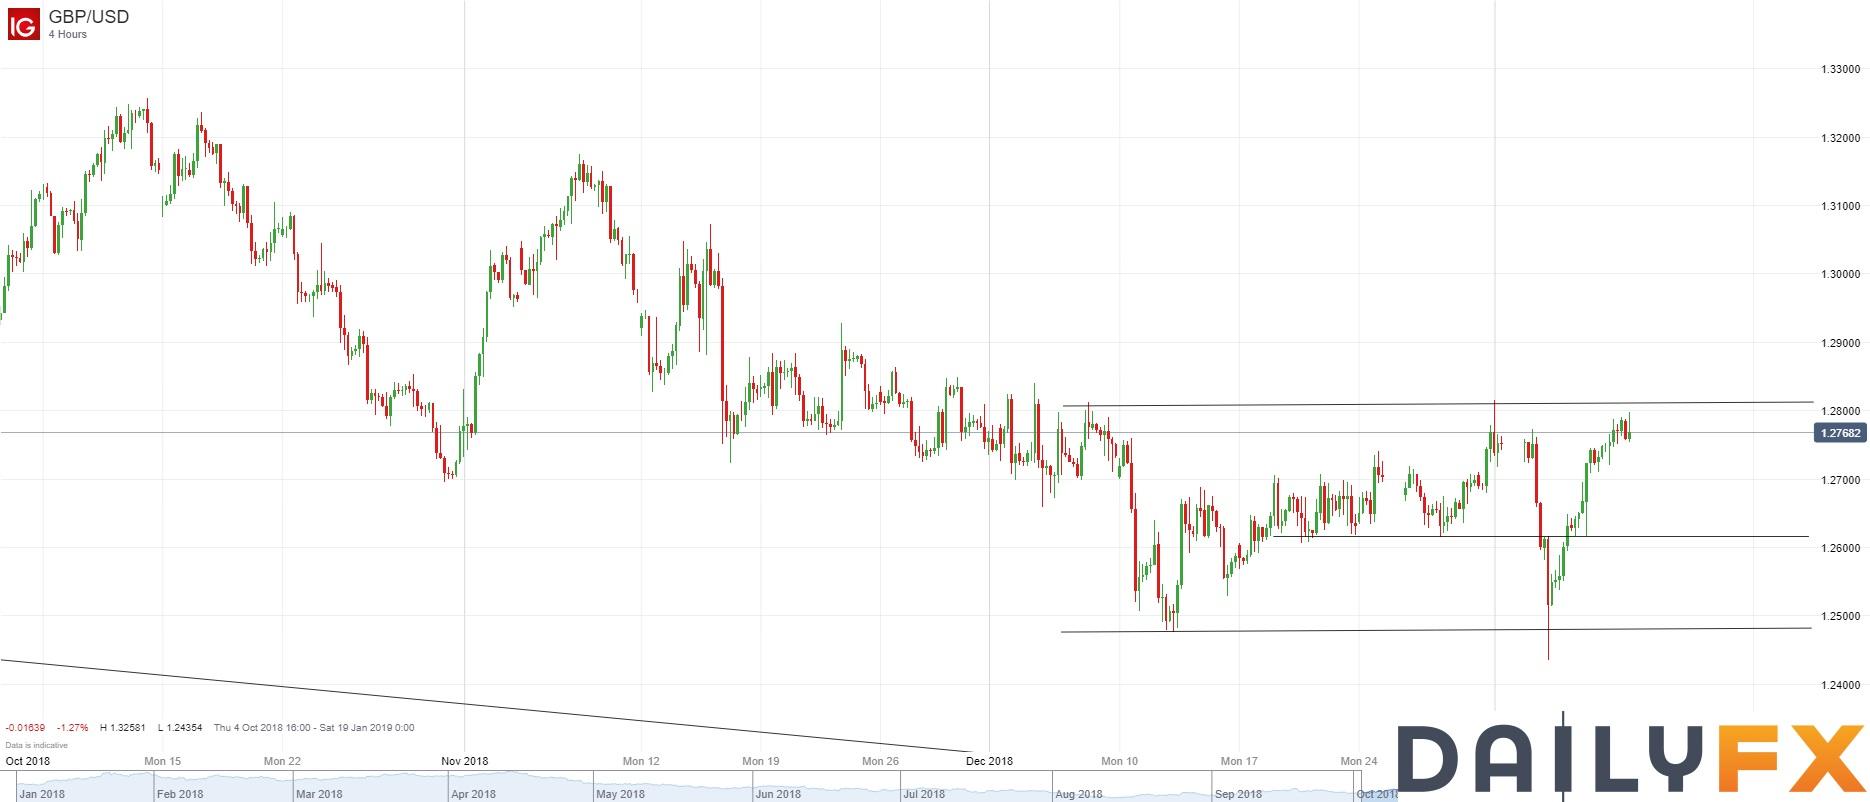 英镑/美元技术分析:关注在1.2800附近的表现